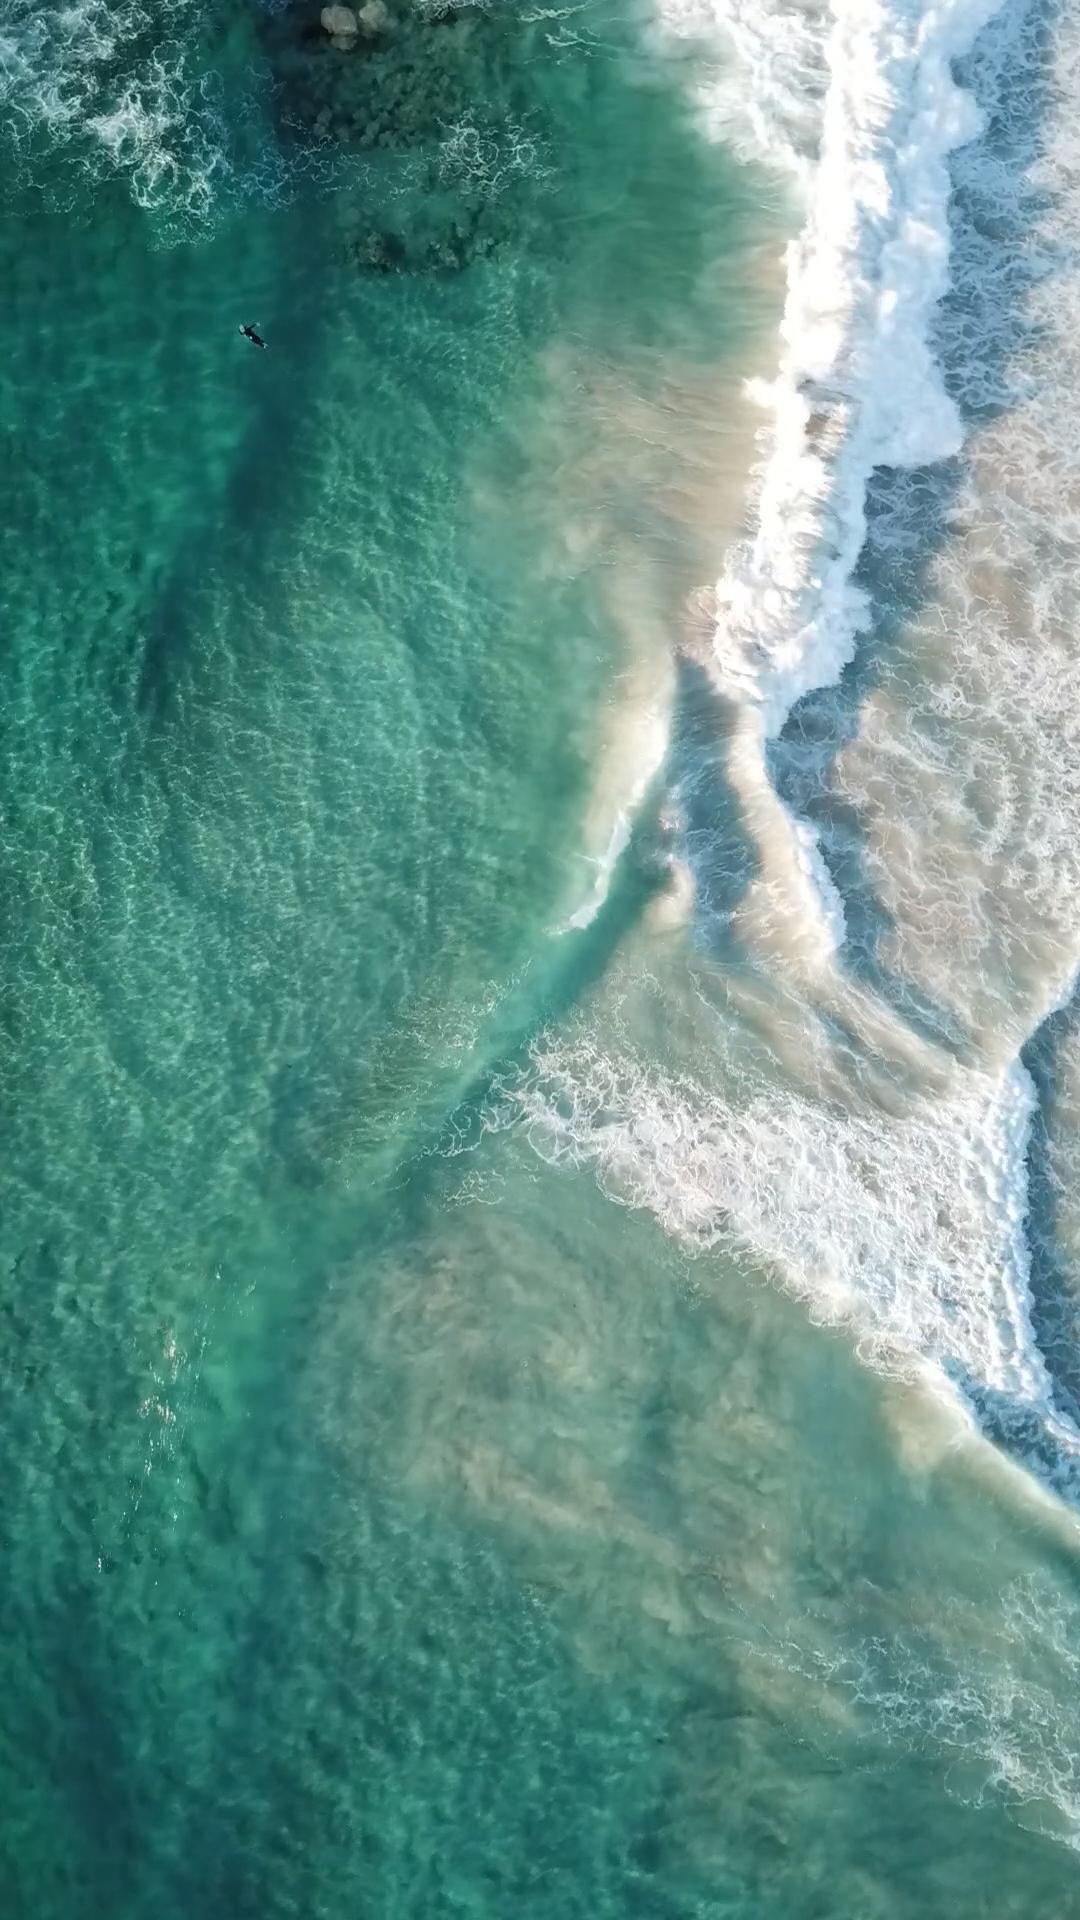 Surfing at Smiths Beach Resort, Western Australia